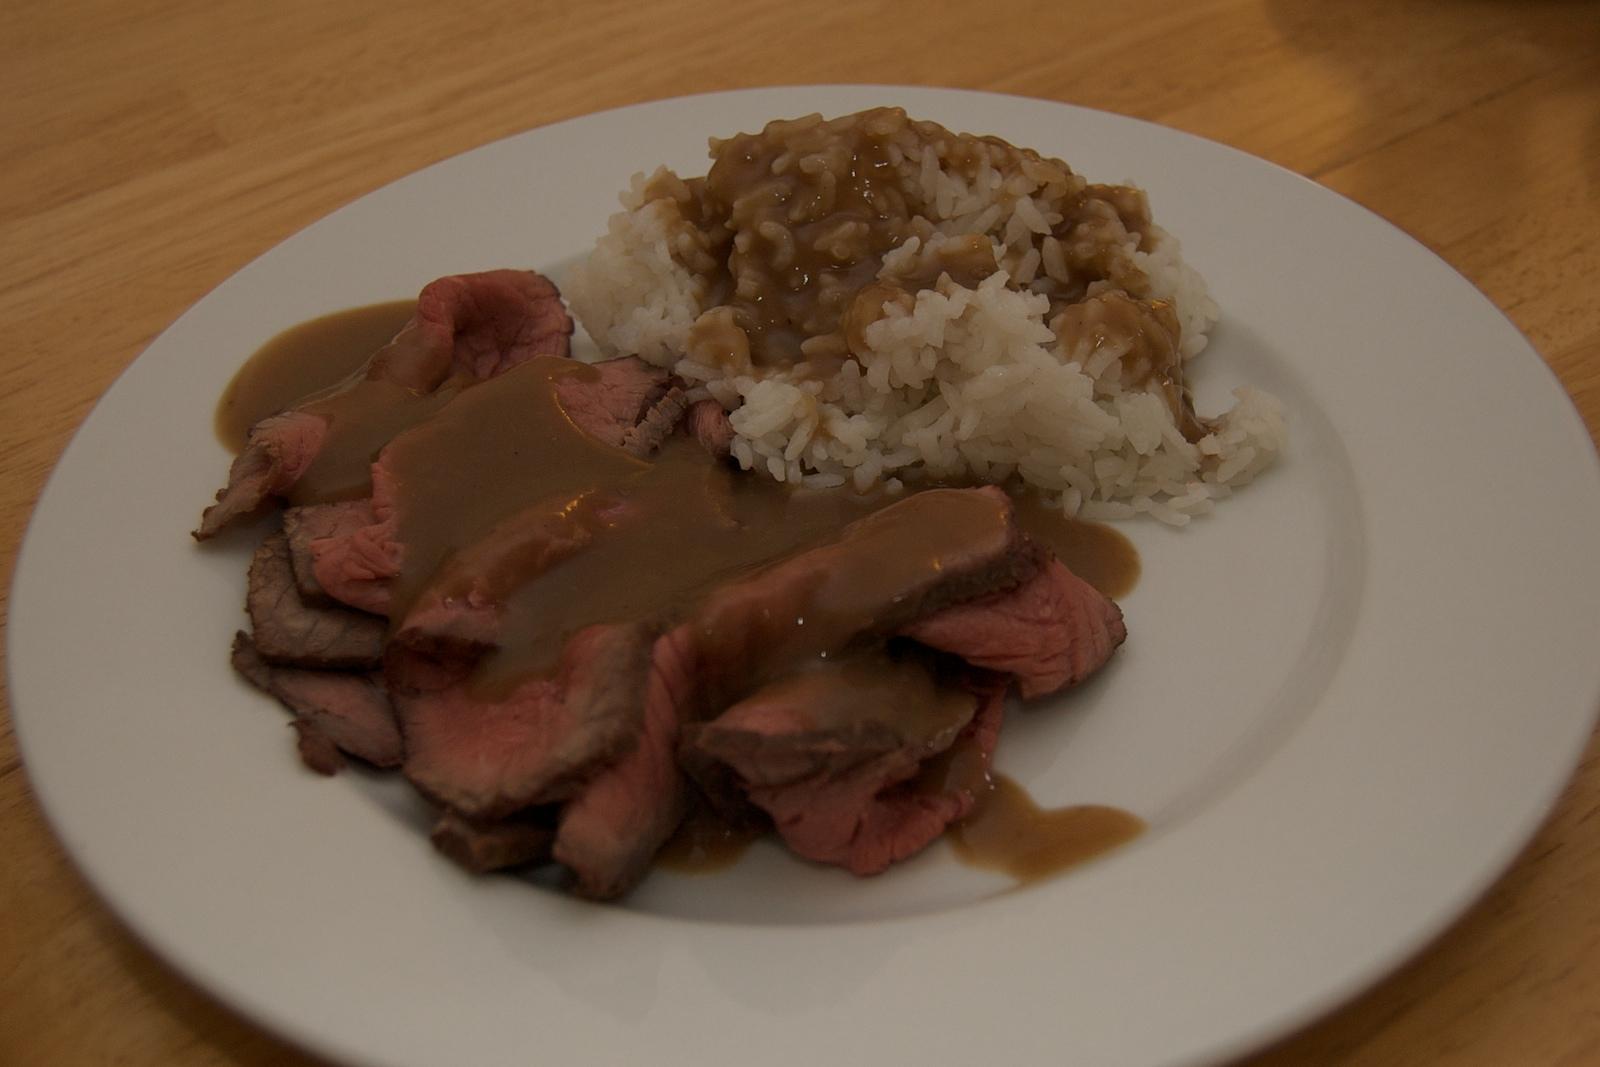 http://blog.rickk.com/food/2010/02/27/beef1.jpg